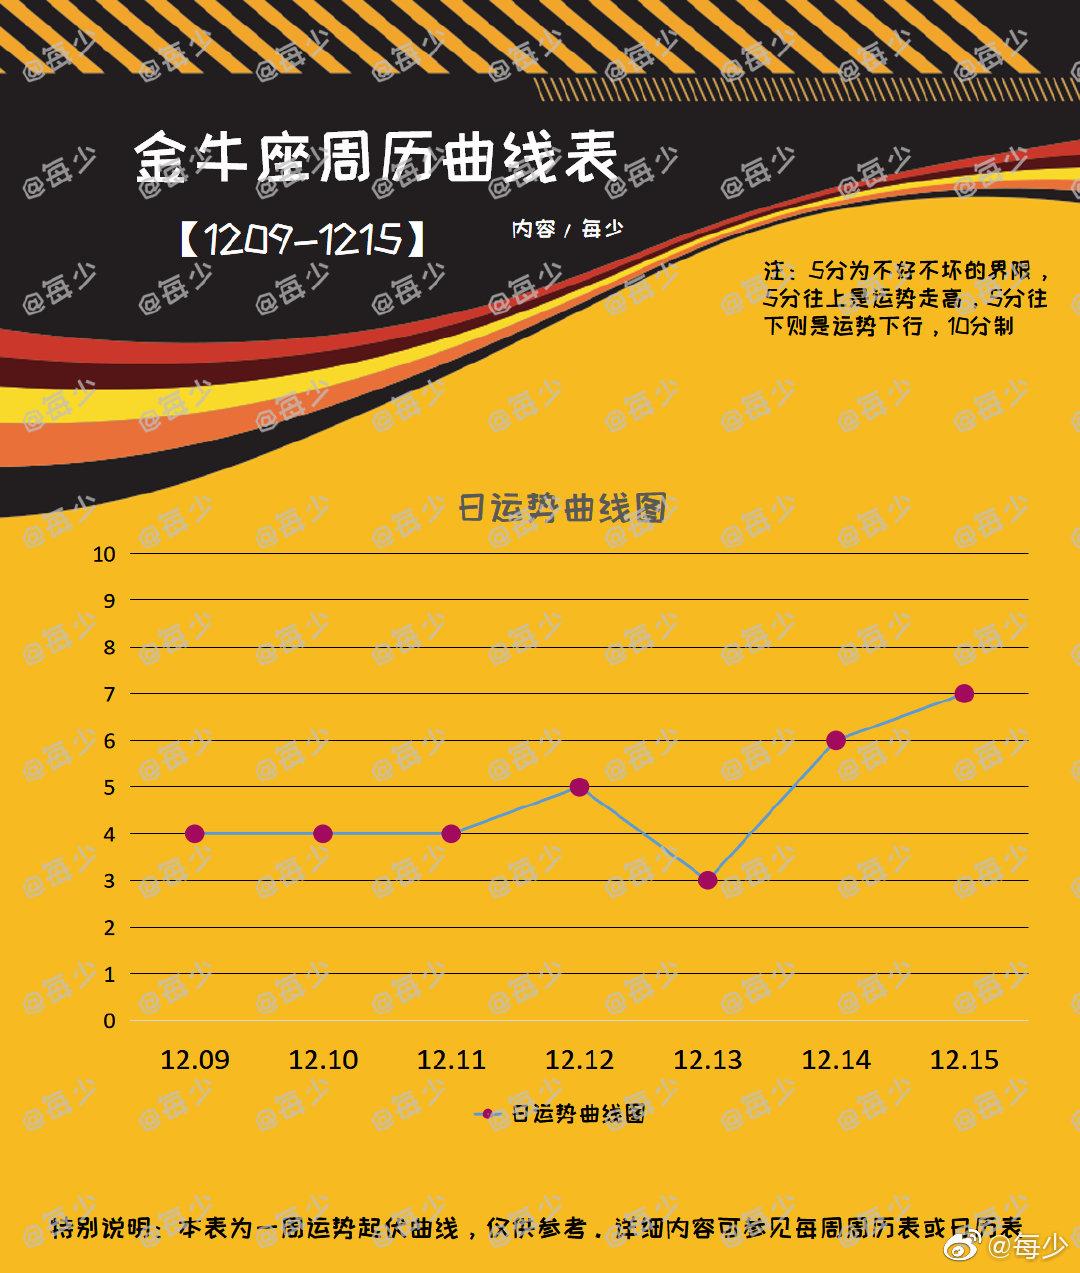 十二星座一周运势曲线图(1209-1215)